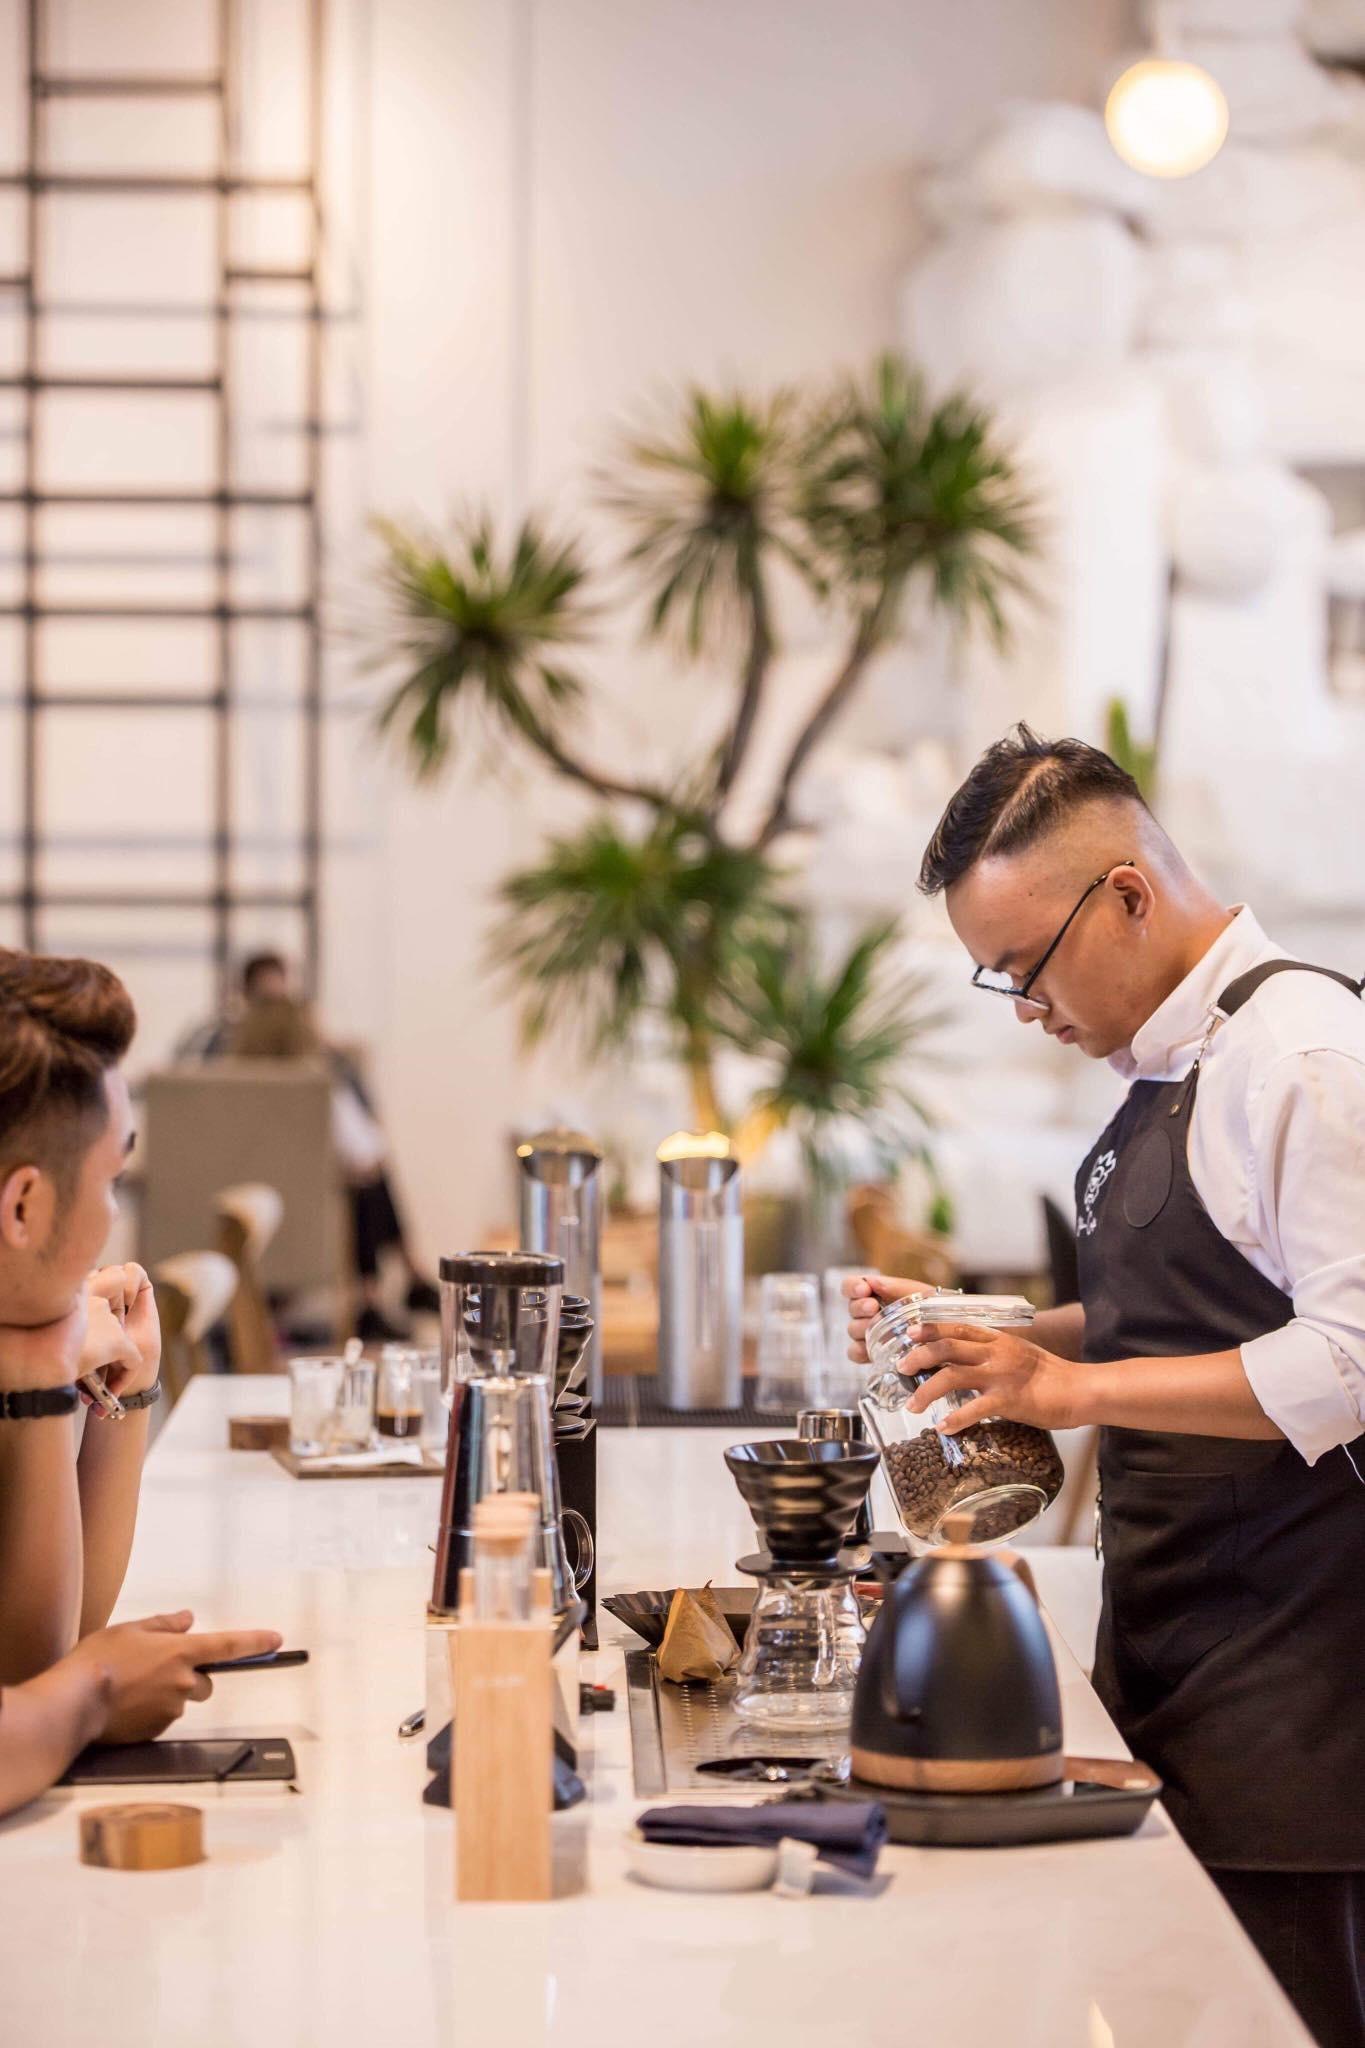 kinh doanh quán cafe thành công - 6 3 - Mách bạn 7 bước cơ bản để bắt đầu kinh doanh quán Cafe thành công